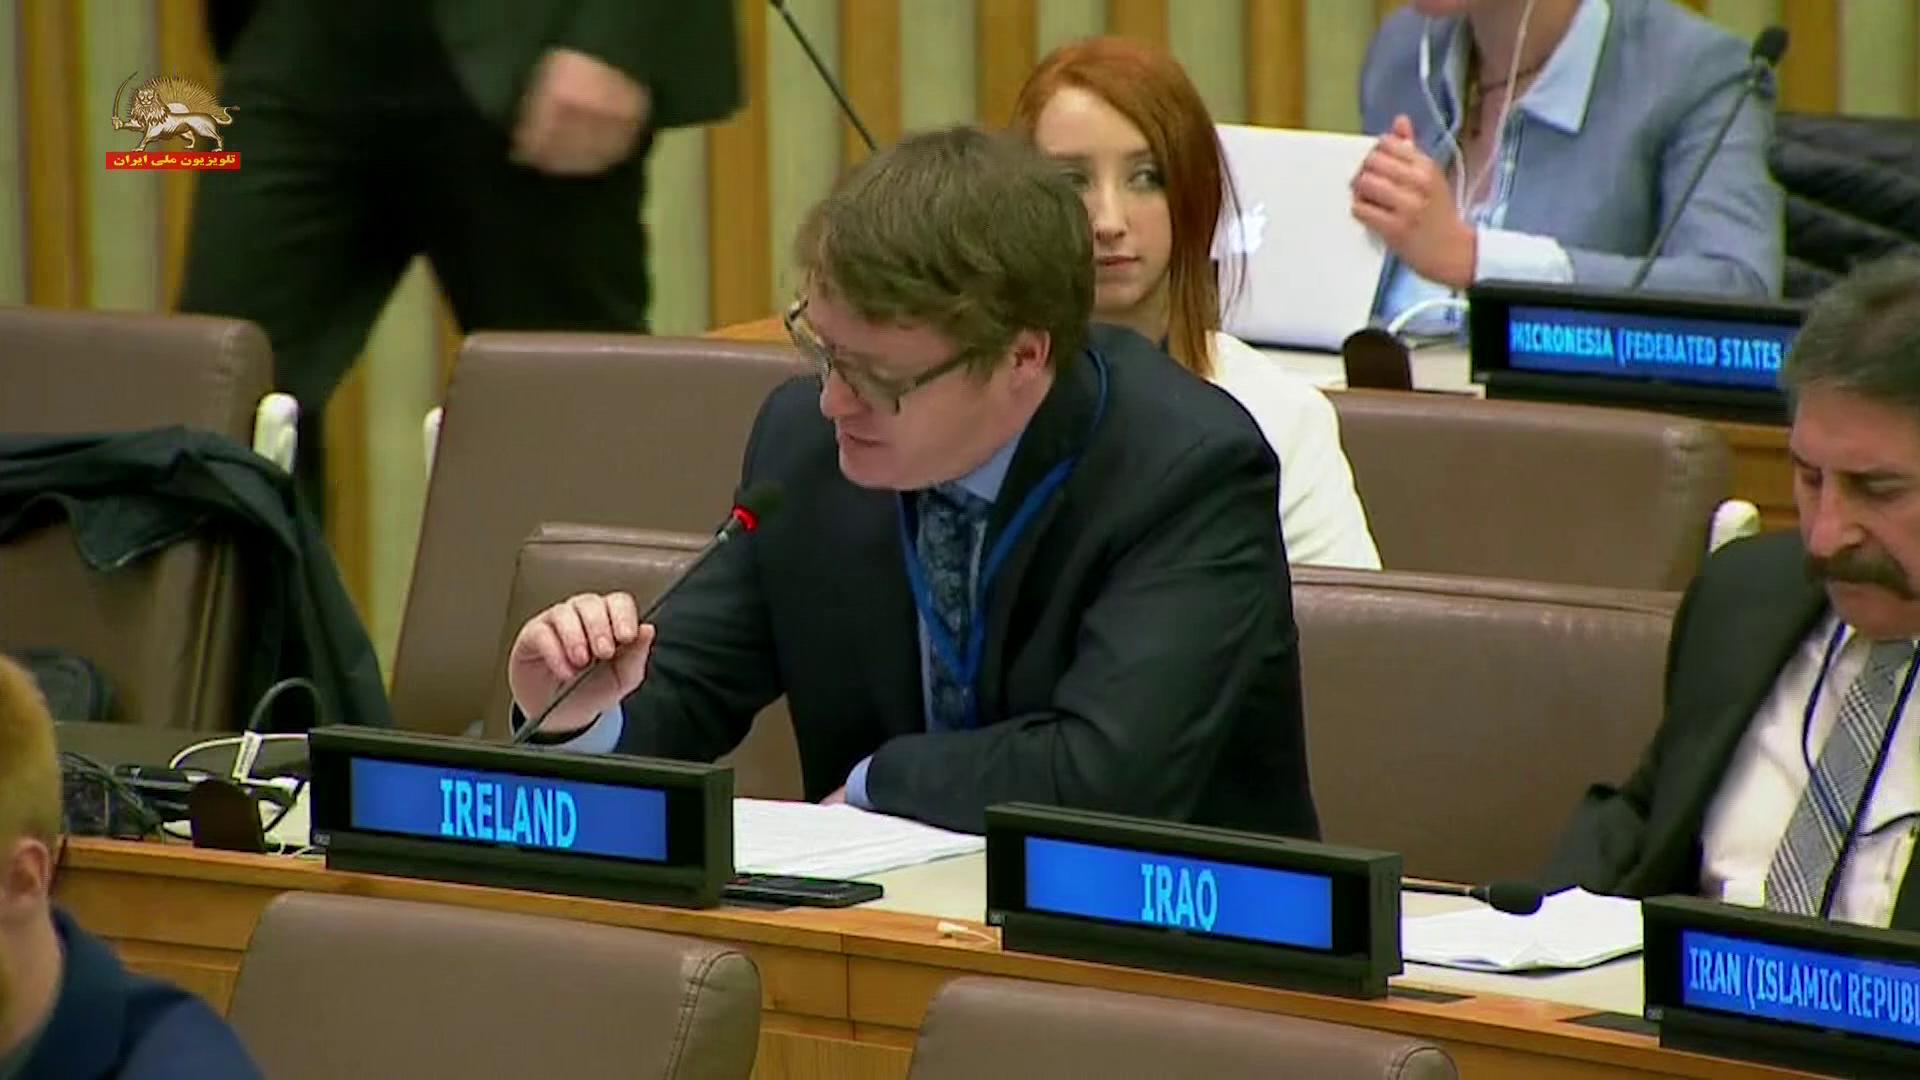 نماینده ایرلند در اجلاس کمیتهٴ سوم مجمع عمومی